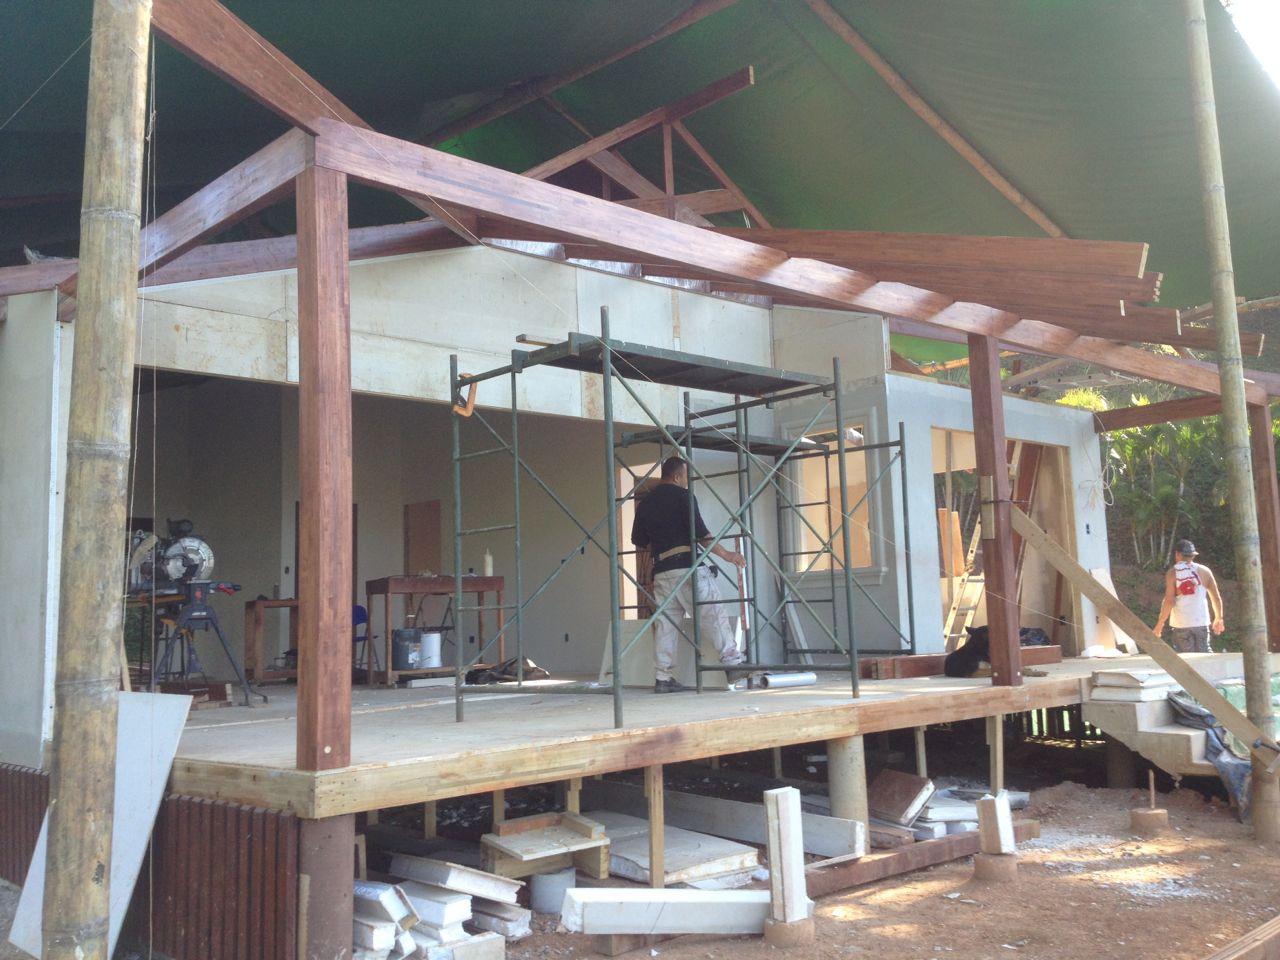 Terrace jack rafters start